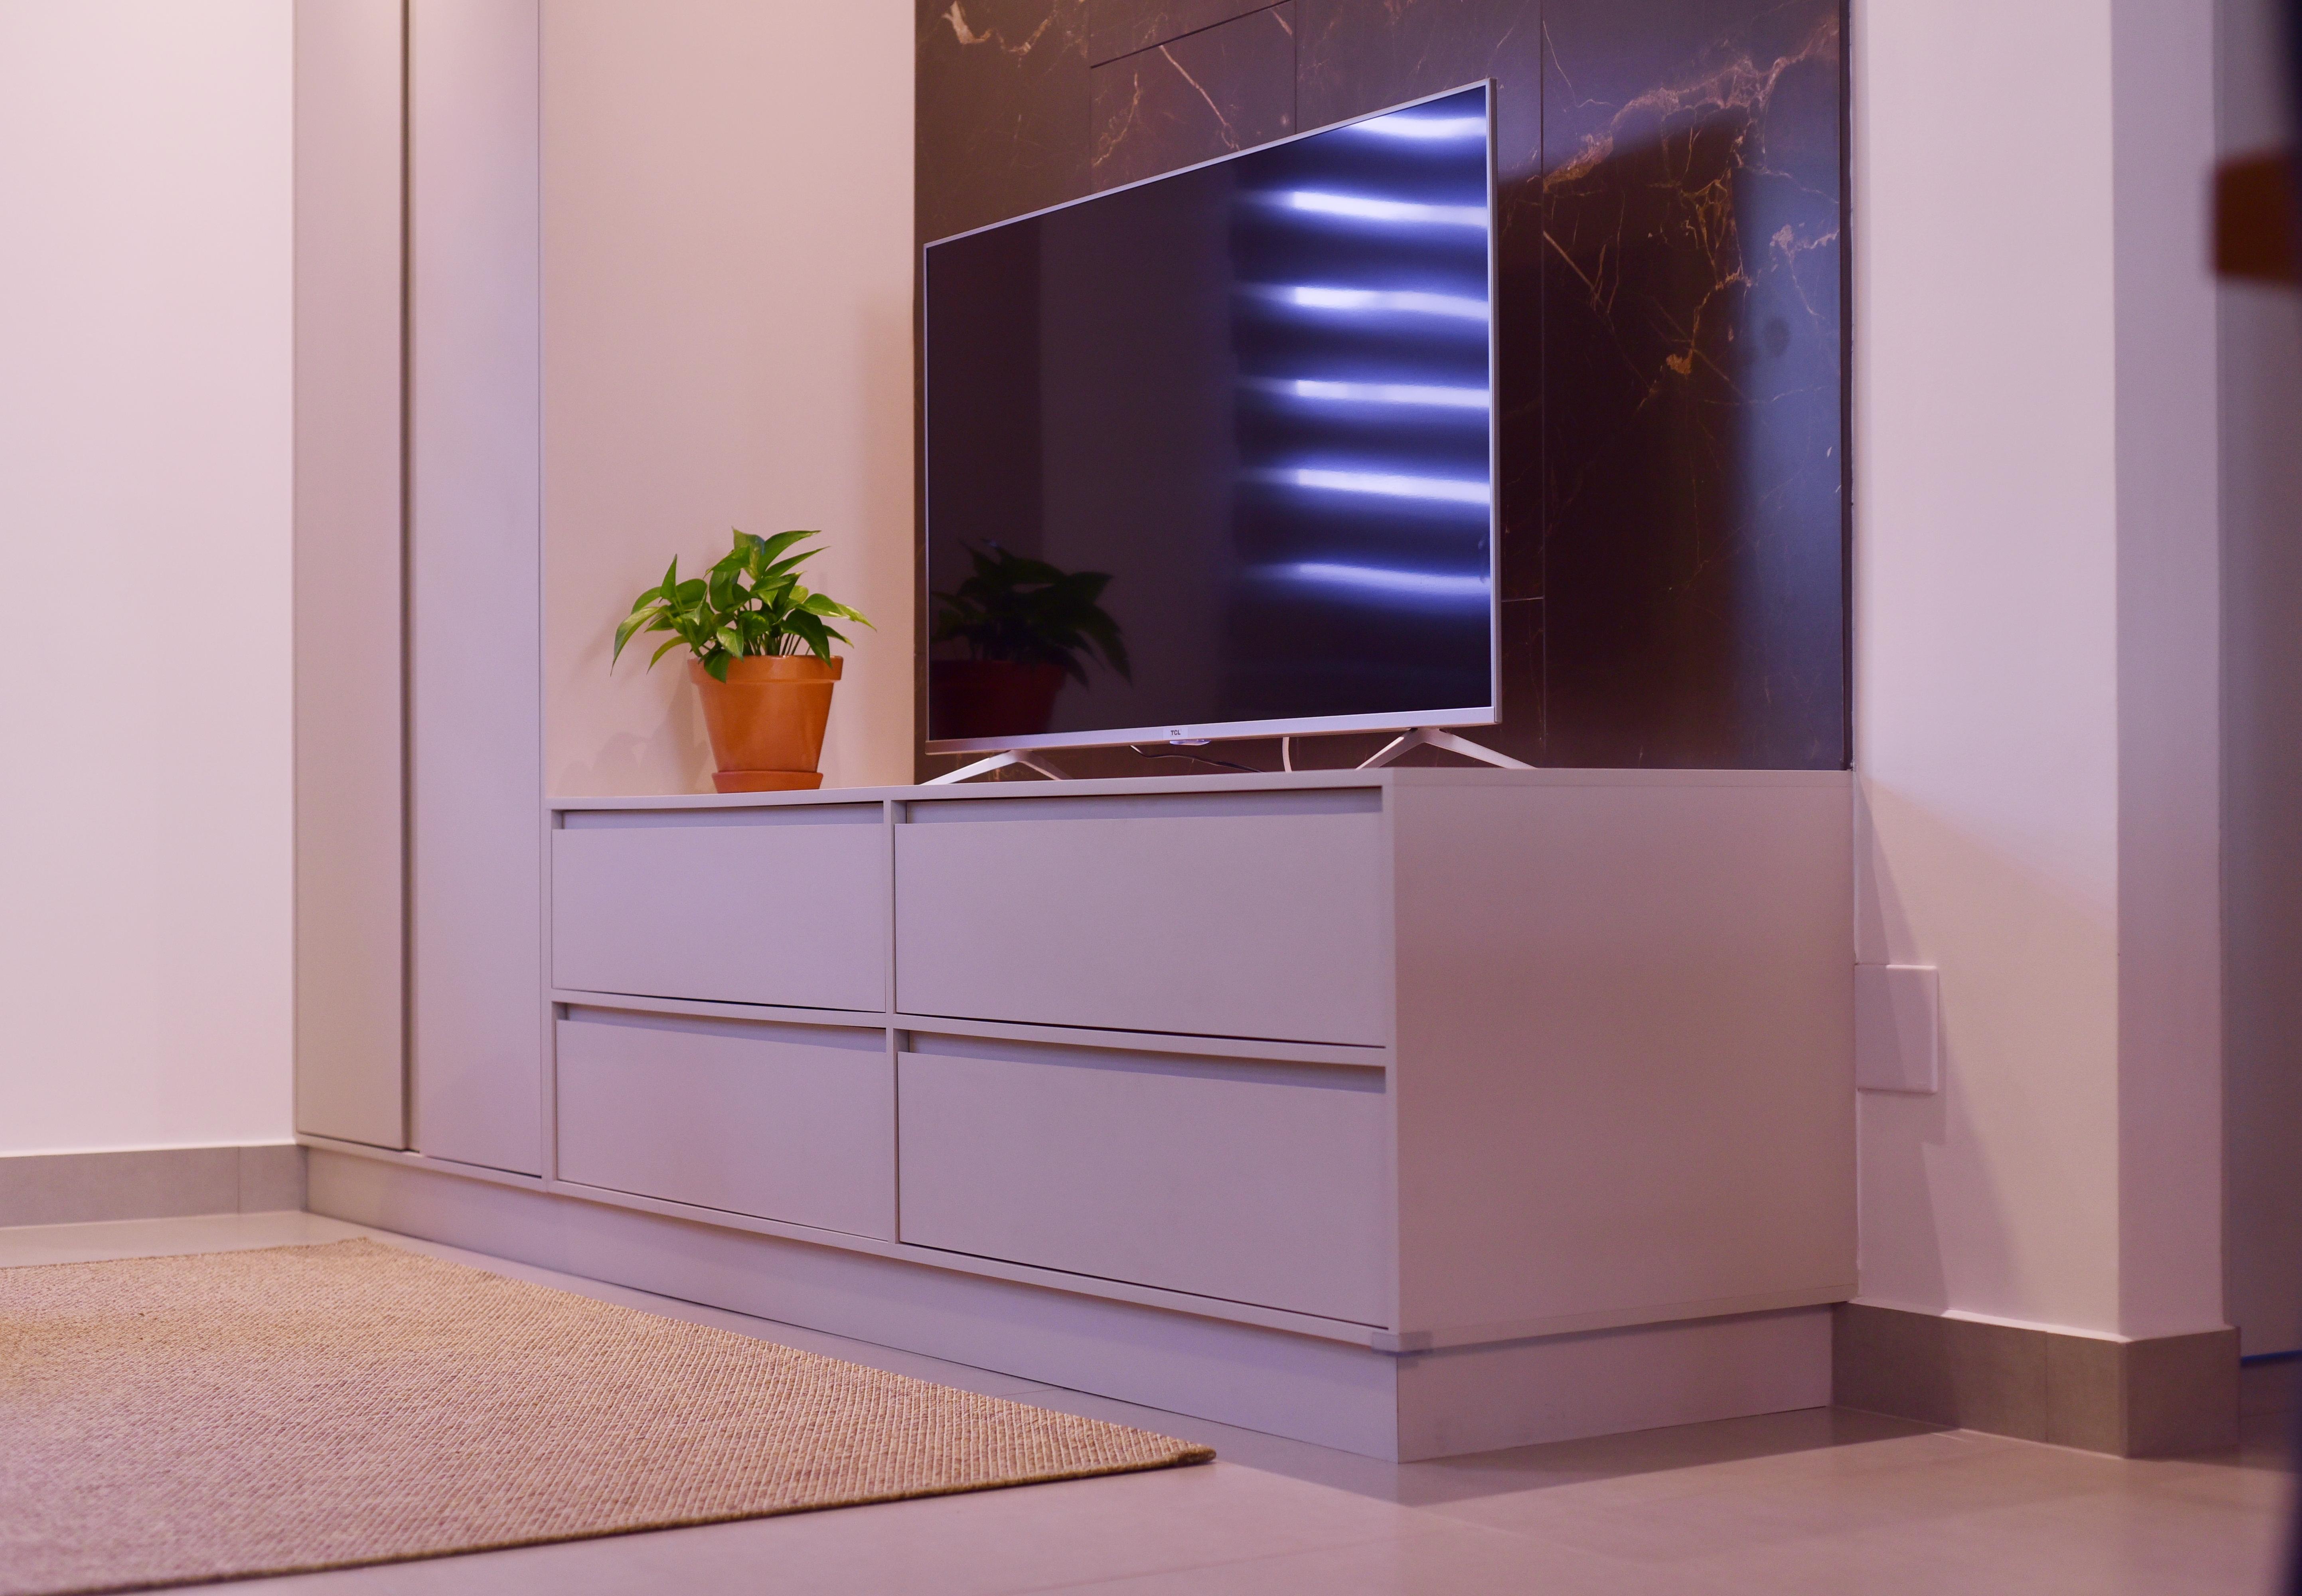 Projeto de design para reforma de apartamento moderno em Curitiba - Estudio Murilo Zadulski Interiores - Projeto sala moderna minimalista 02